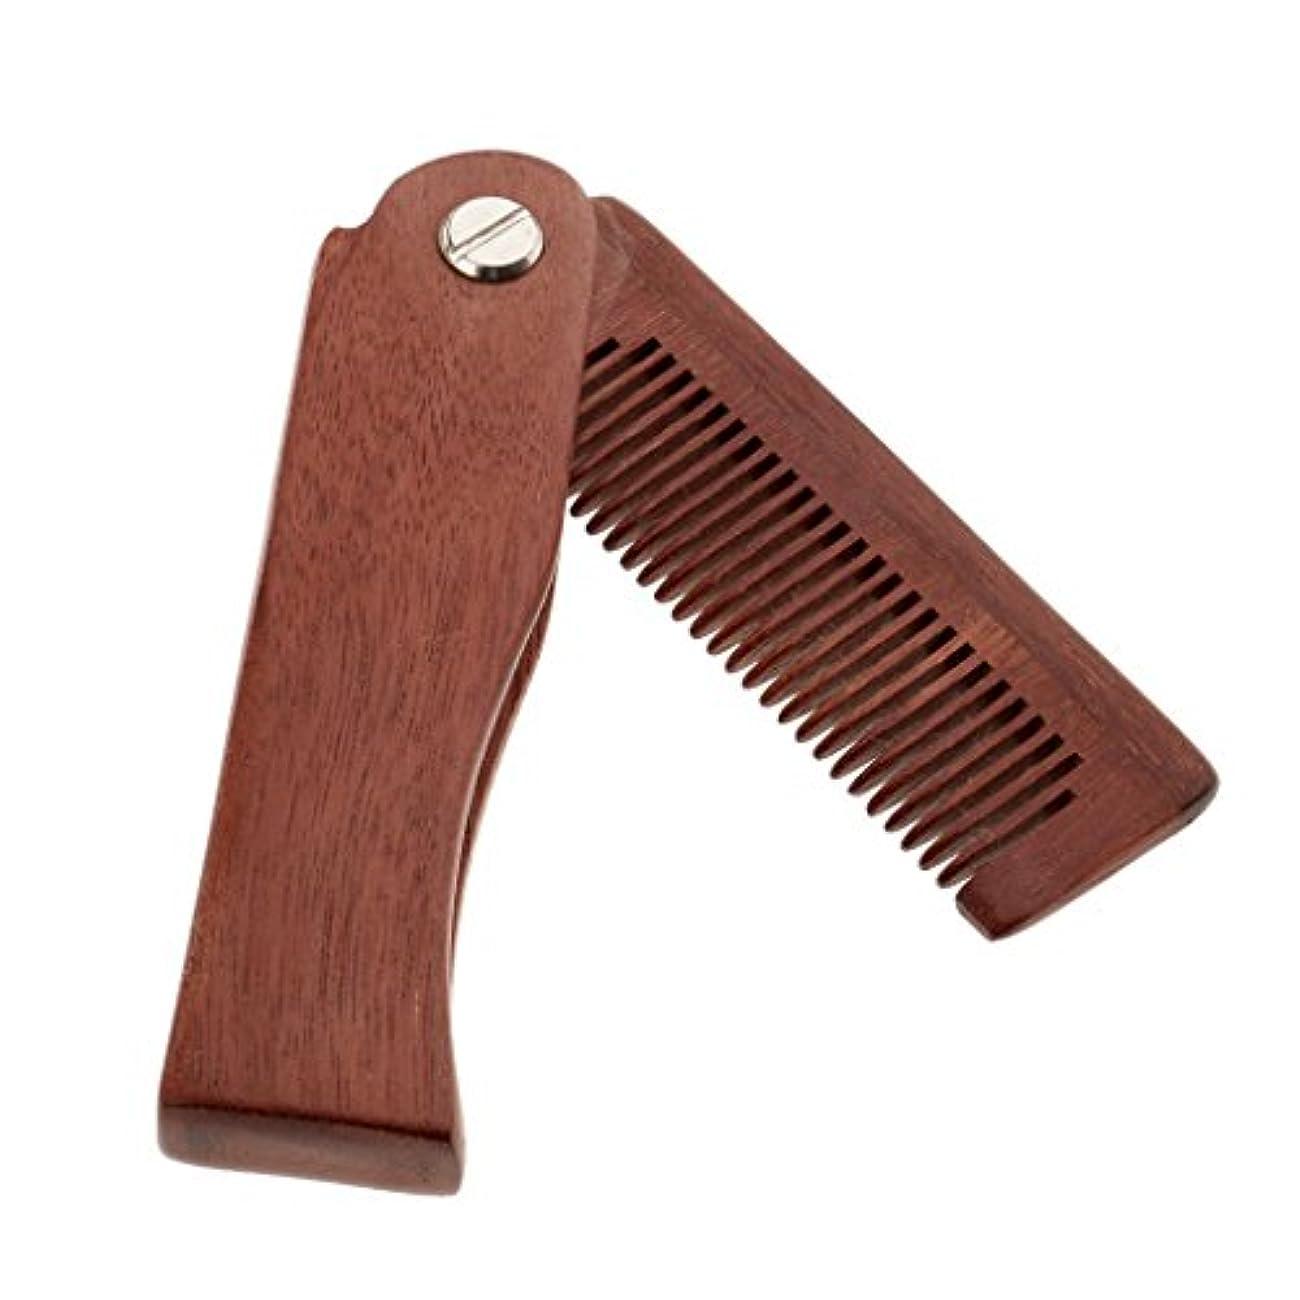 イライラする杖電極ひげ剃り櫛 コーム 木製櫛 折りたたみ メンズ 毛ひげの櫛